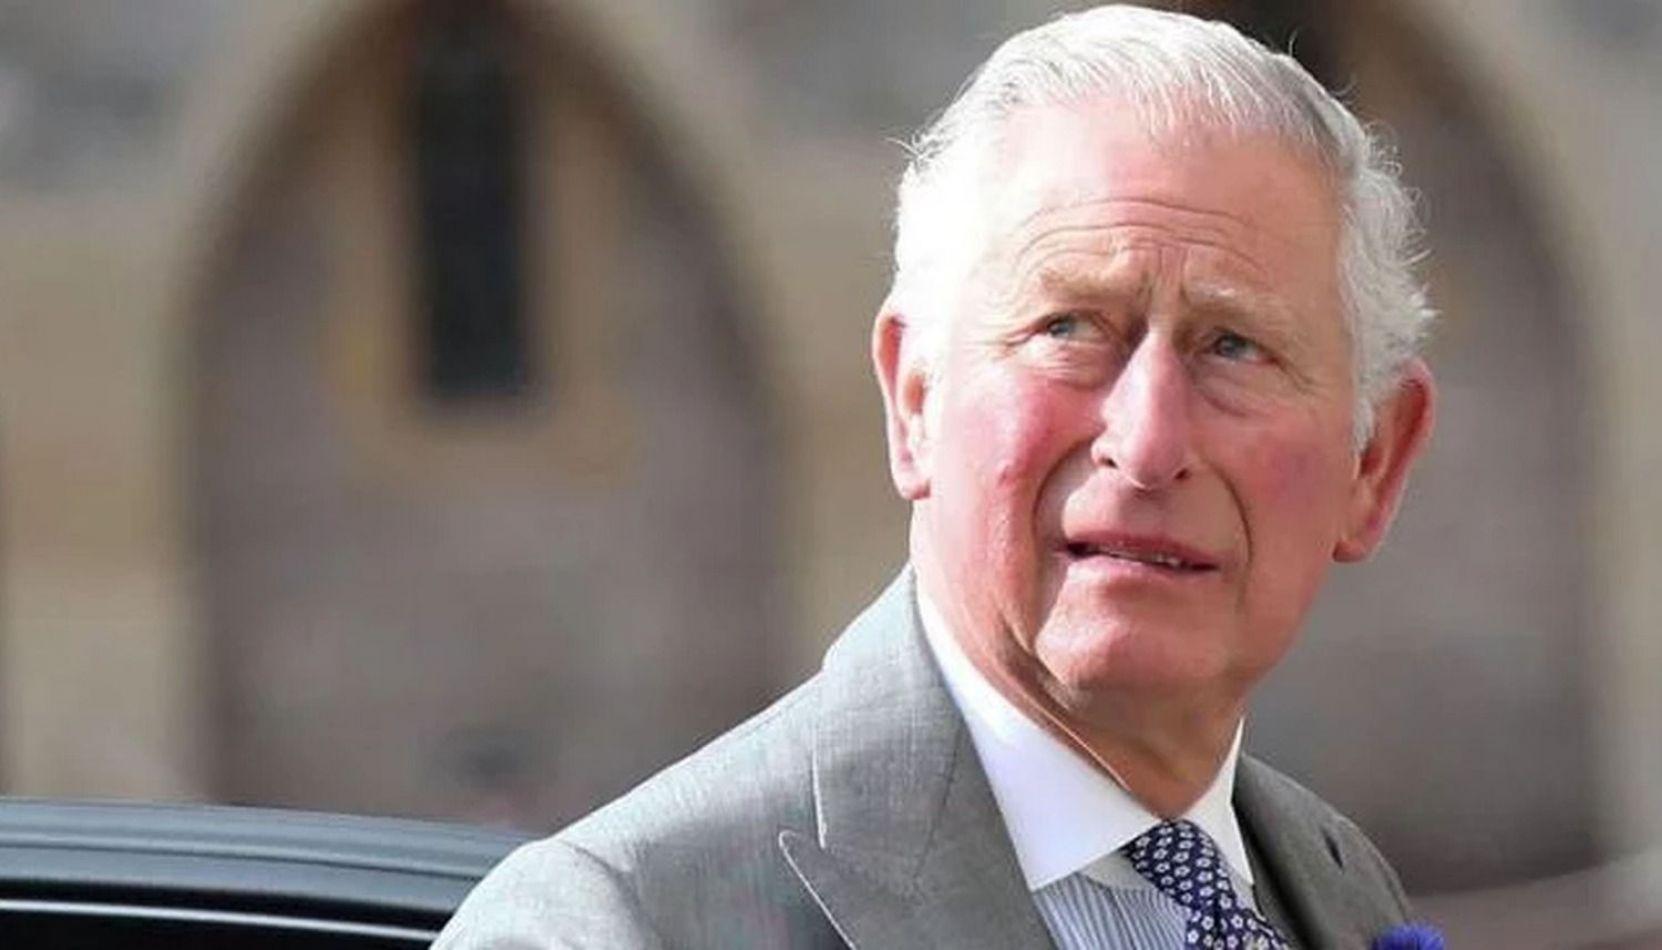 El príncipe Carlos, heredero a la corona inglesa, dio positivo el test y tiene coronavirus